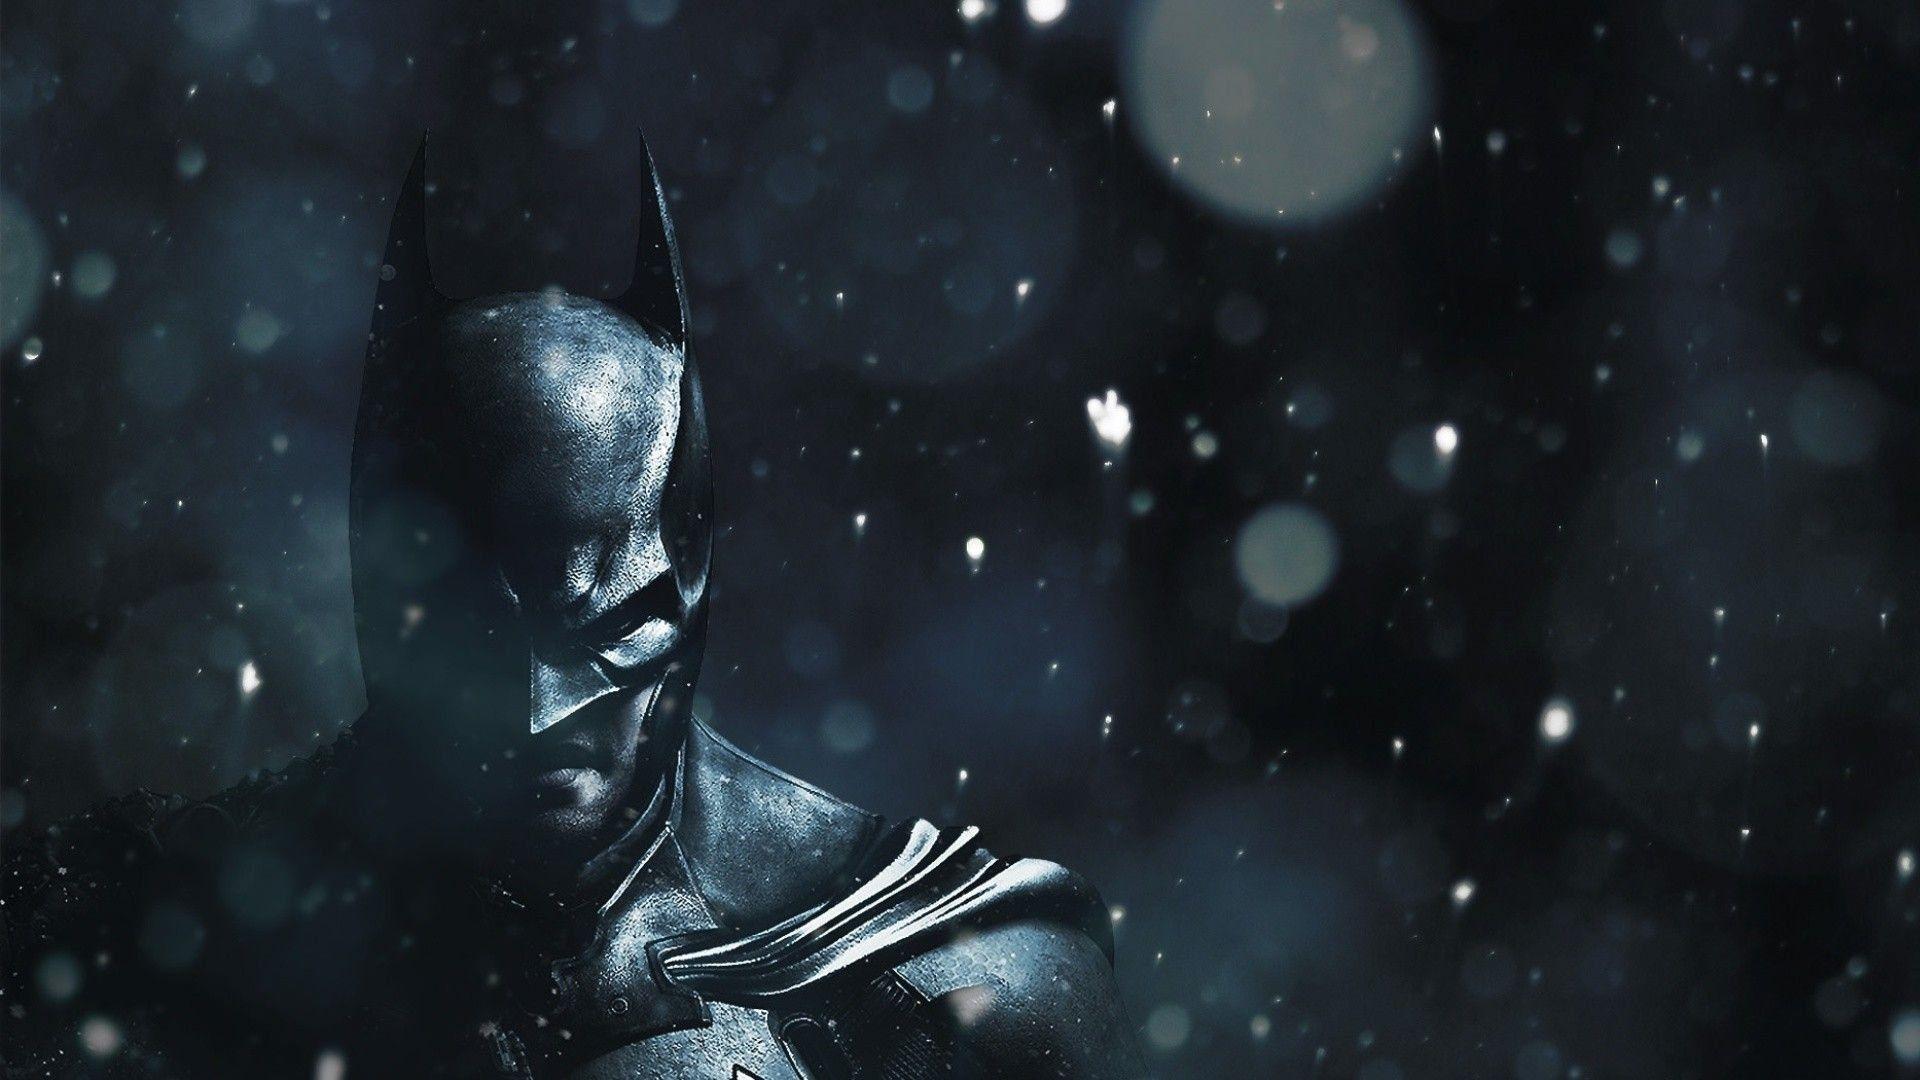 Share If You Find It Terrific Batman Wallpaper Dc Comics Wallpaper Batman